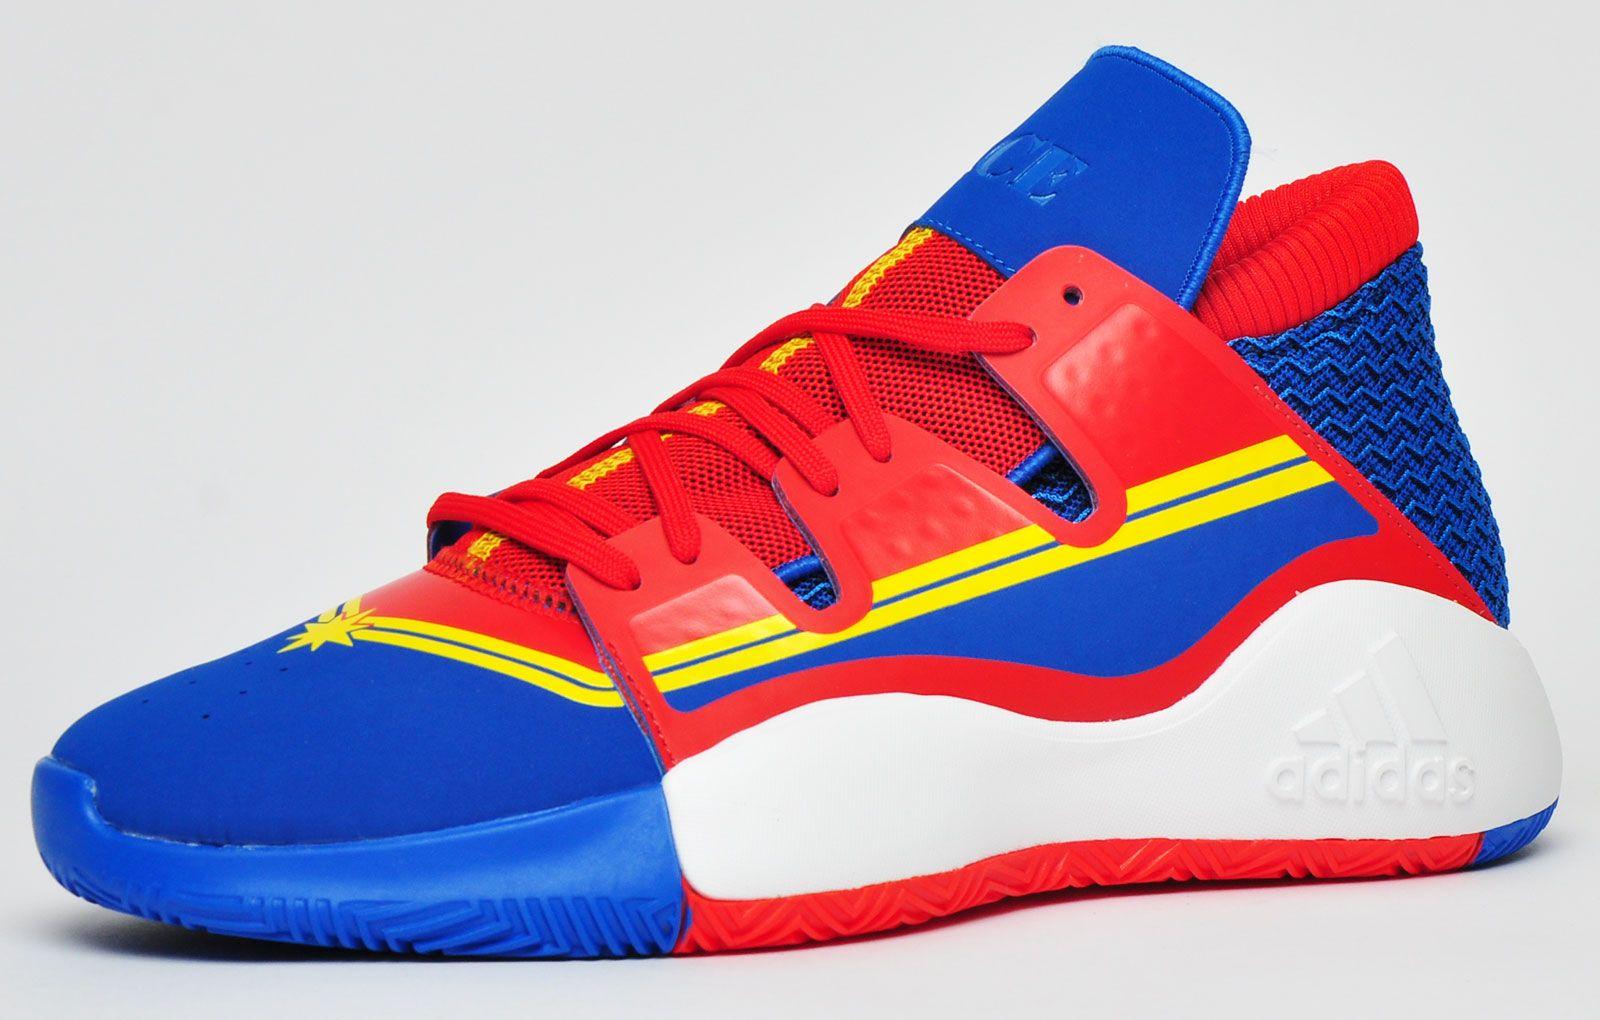 Adidas Pro Vision X Captain Marvel Ltd Edition Mens